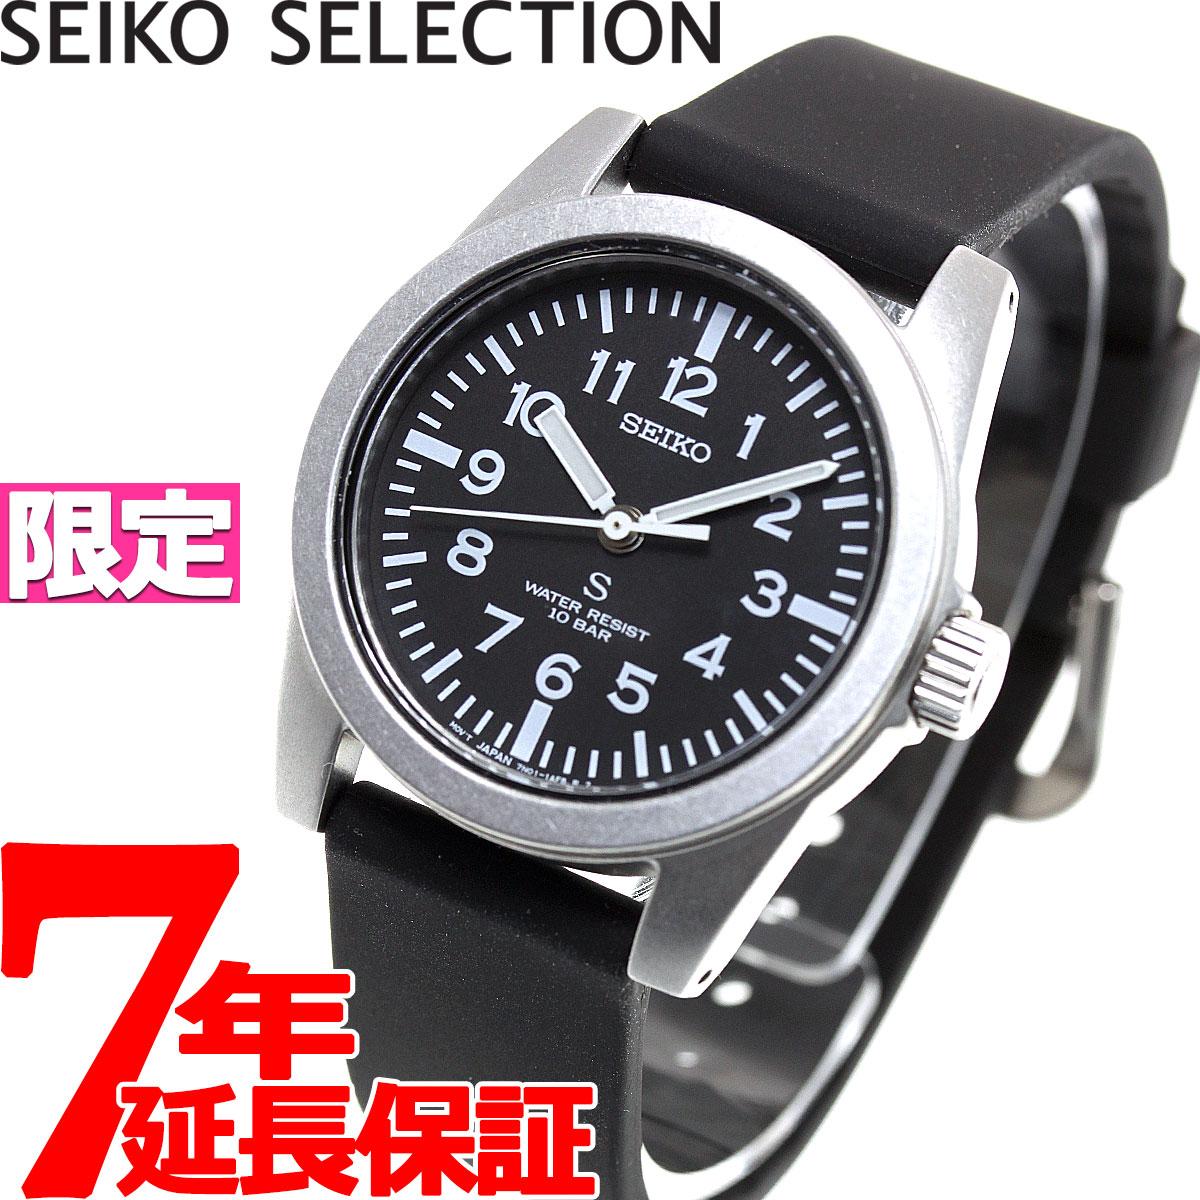 【5日0時~♪2000円OFFクーポン&店内ポイント最大51倍!5日23時59分まで】セイコー セレクション SEIKO SELECTION SUSデザイン復刻モデル 流通限定モデル 腕時計 メンズ nano・universe SCXP155